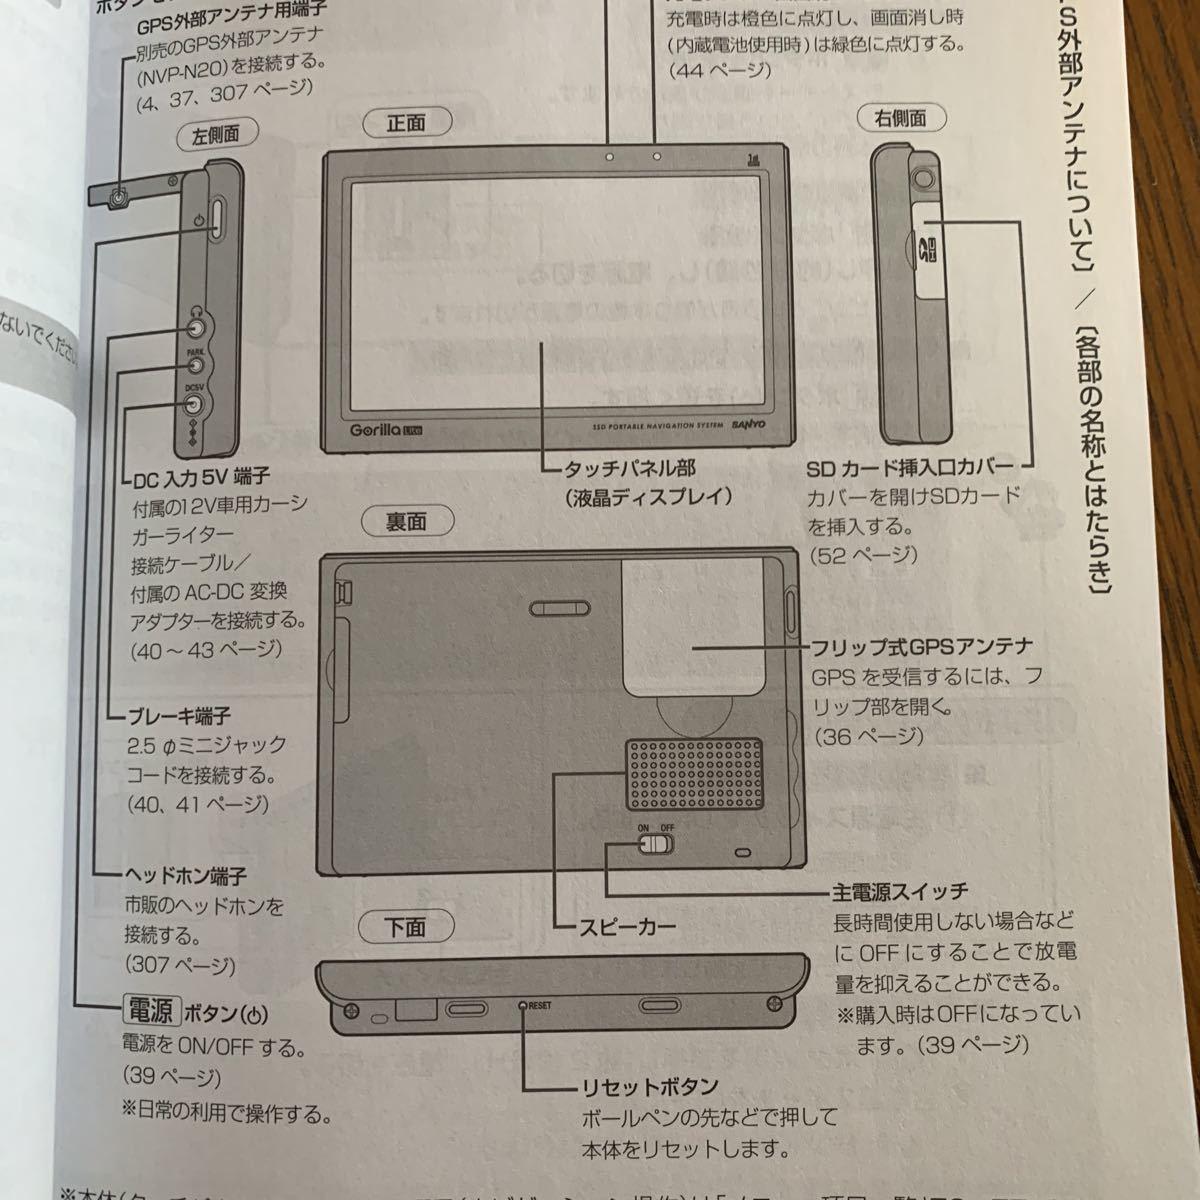 サンヨー SANYO SSDポータブルナビゲーション 品番NV-LB50DT 取扱説明書_画像4